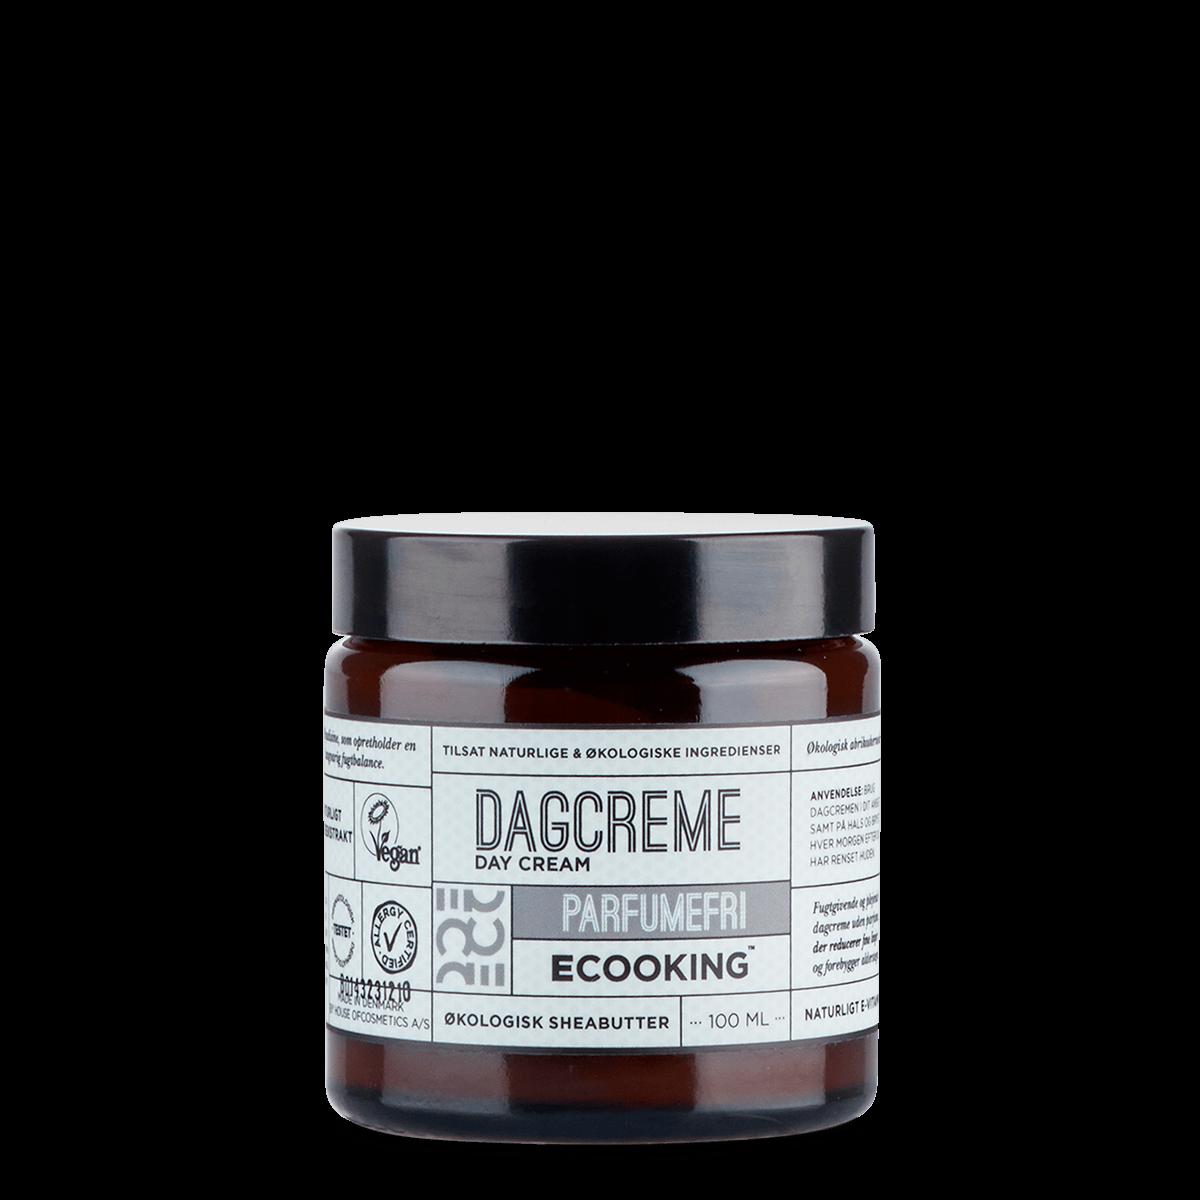 Dagcreme Parfumefri 100 ml